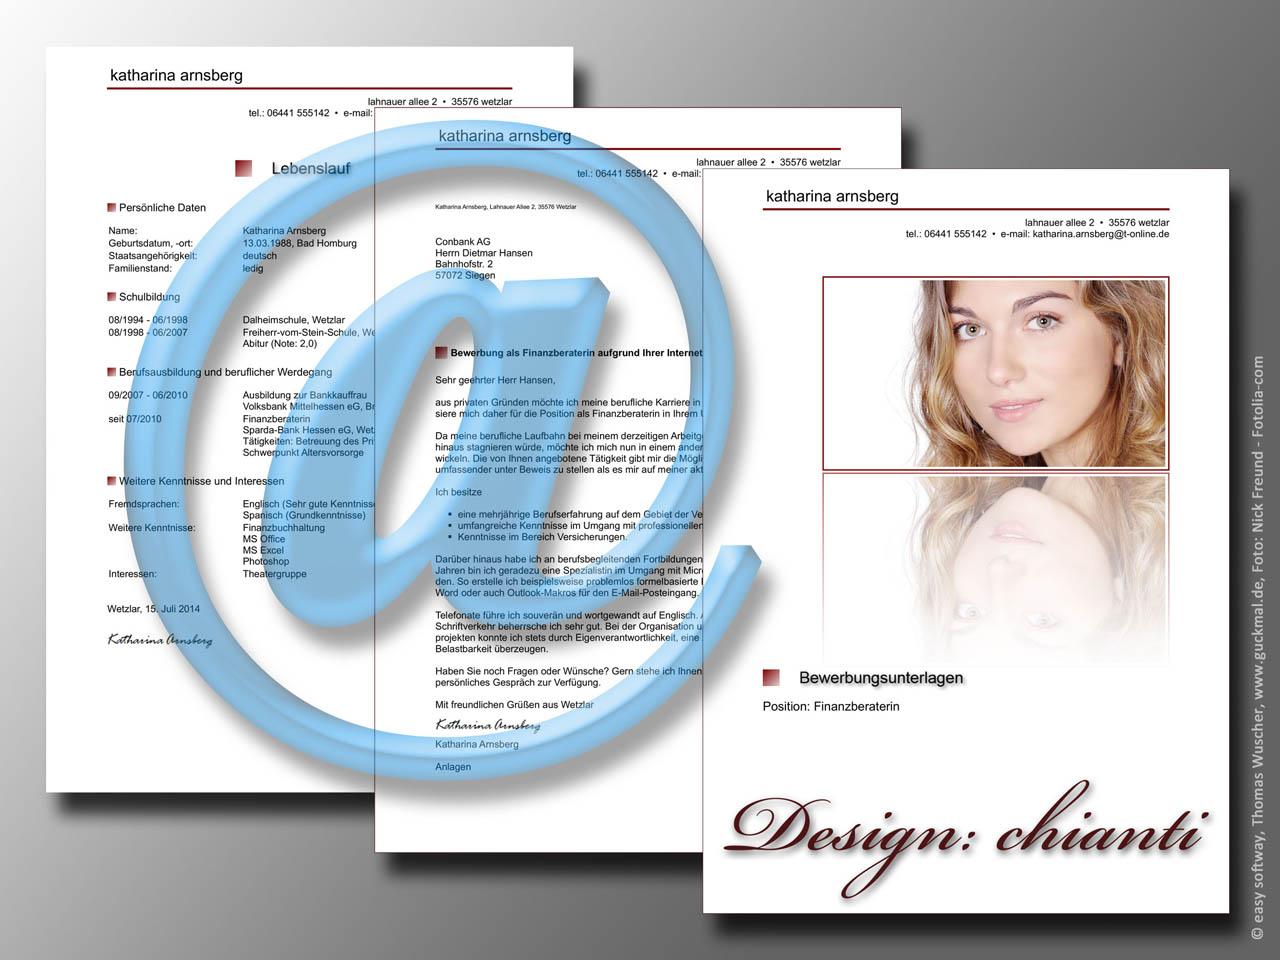 online bewerbung - Wie Sieht Eine Online Bewerbung Aus